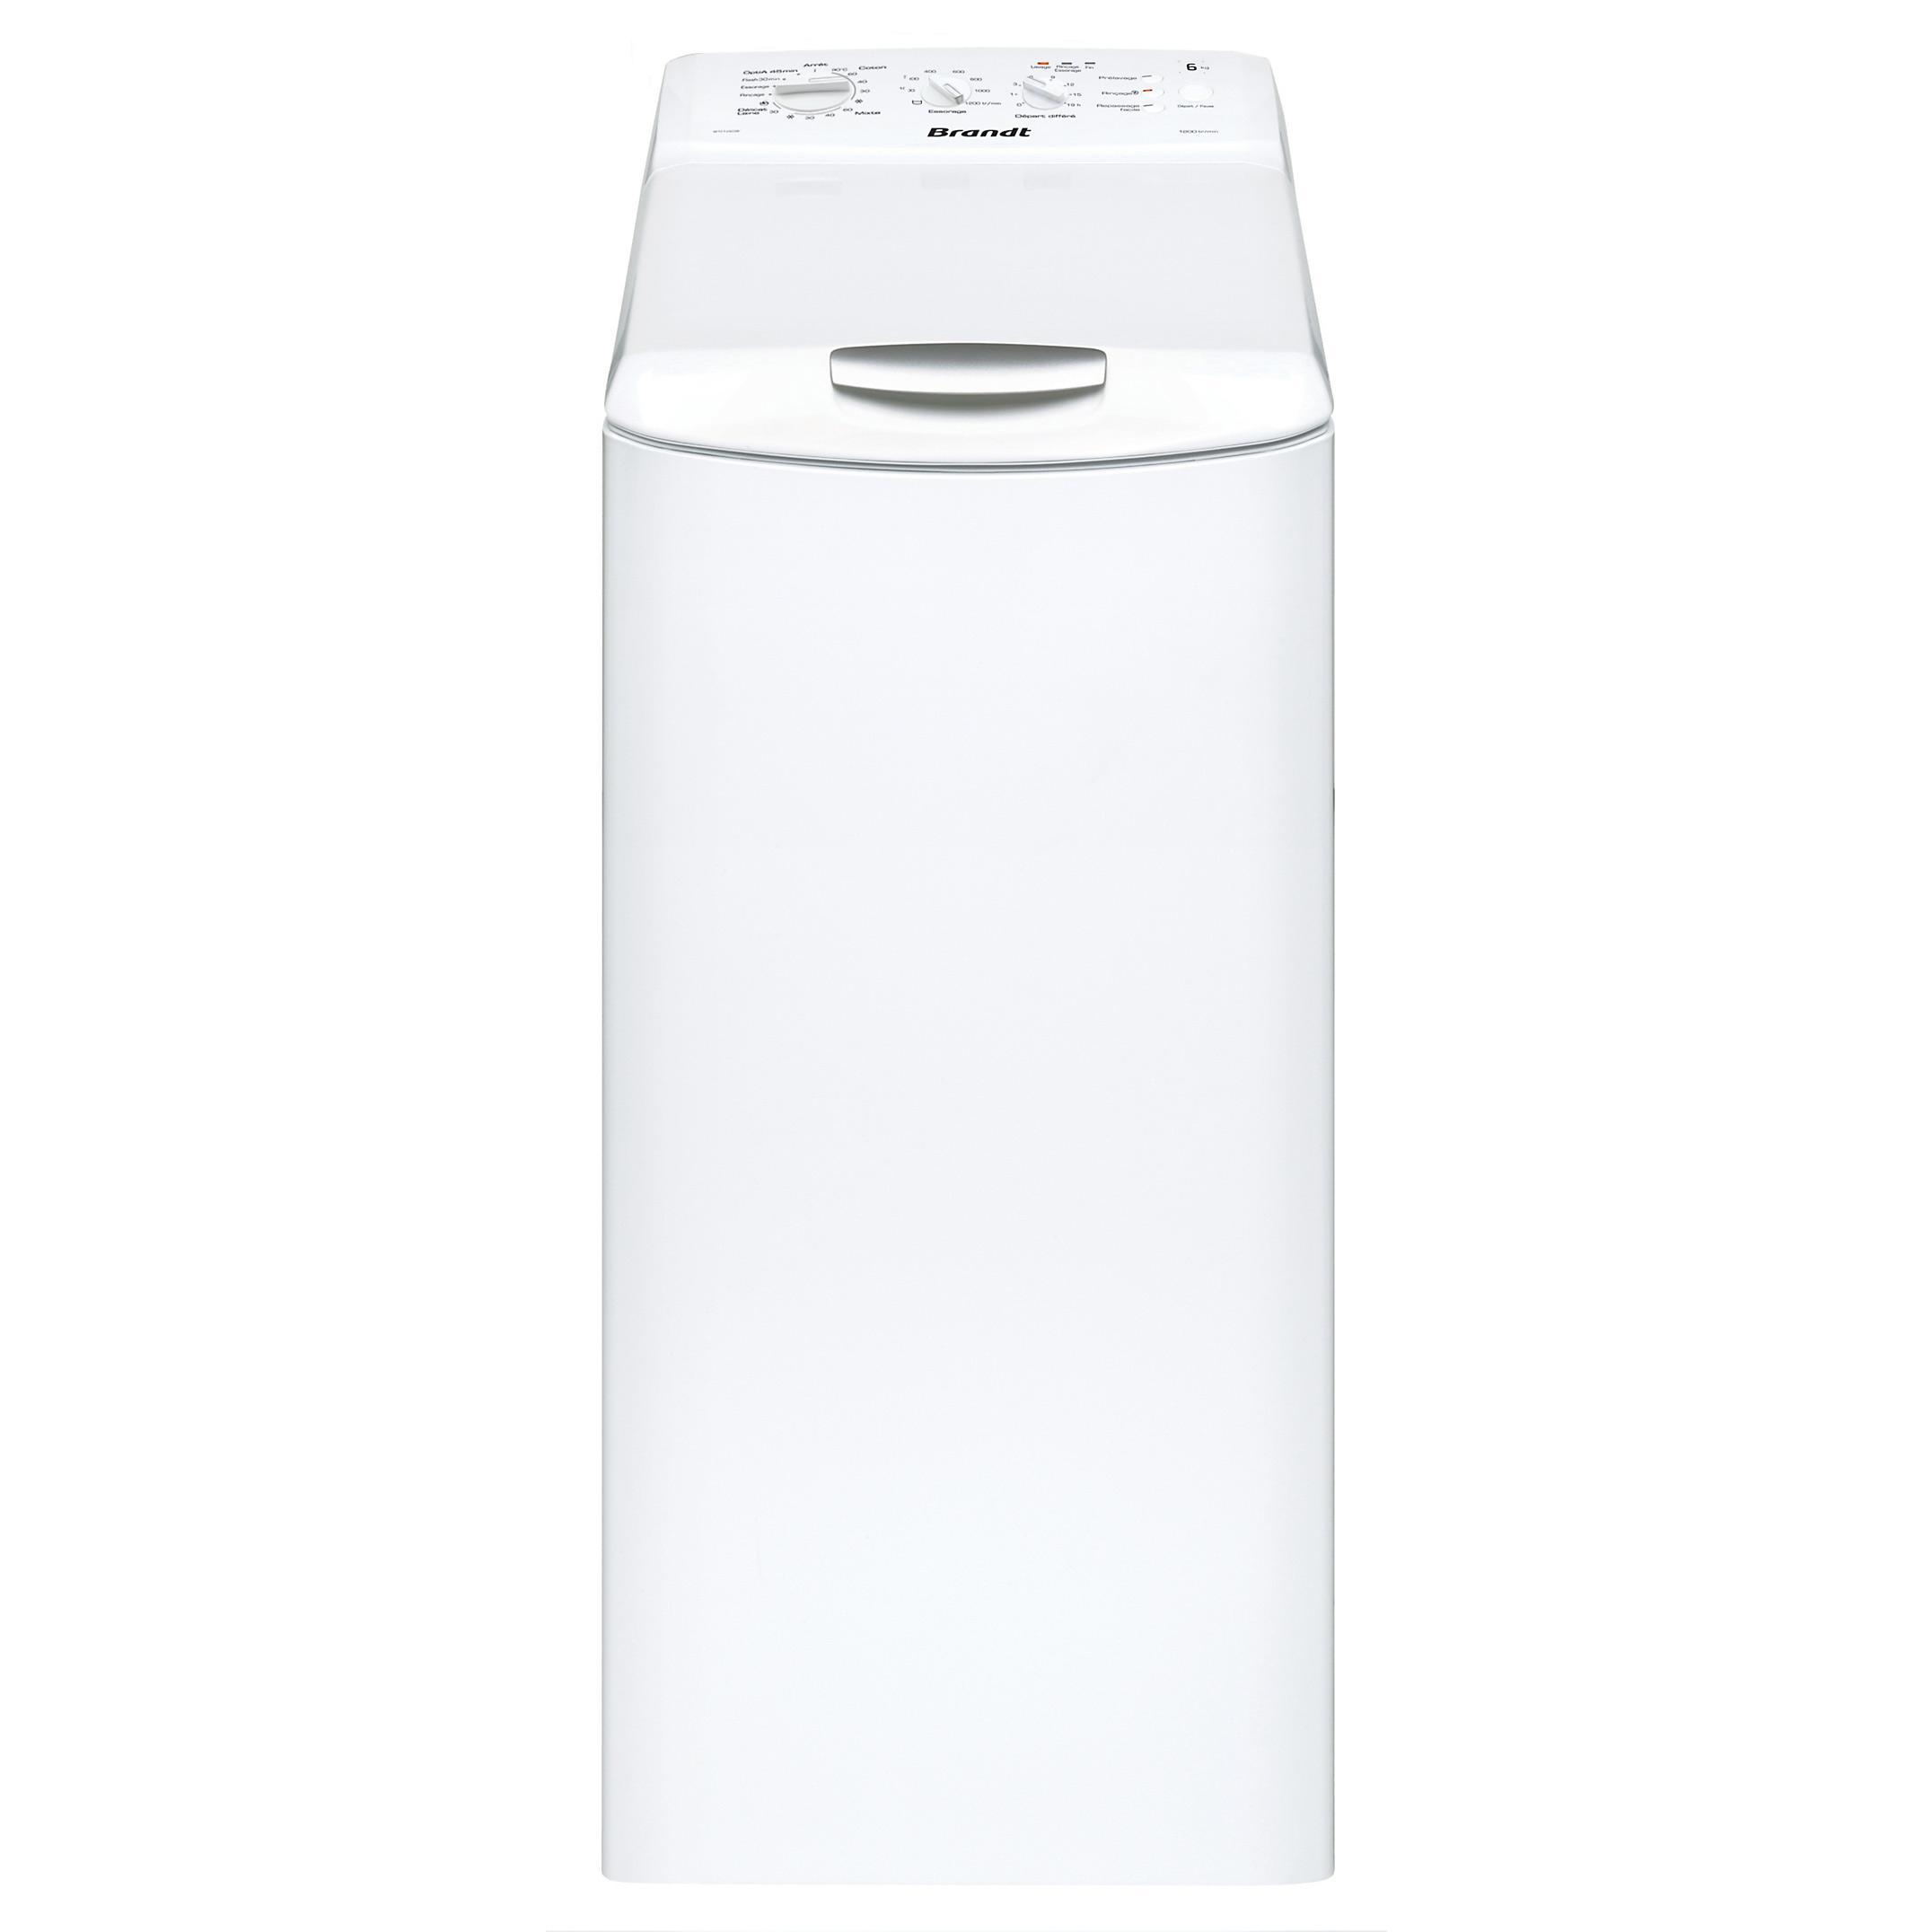 Lave-linge top 6kg - 40cm - Classe A+ - 1200 trs/min -départ différé WTC1260W